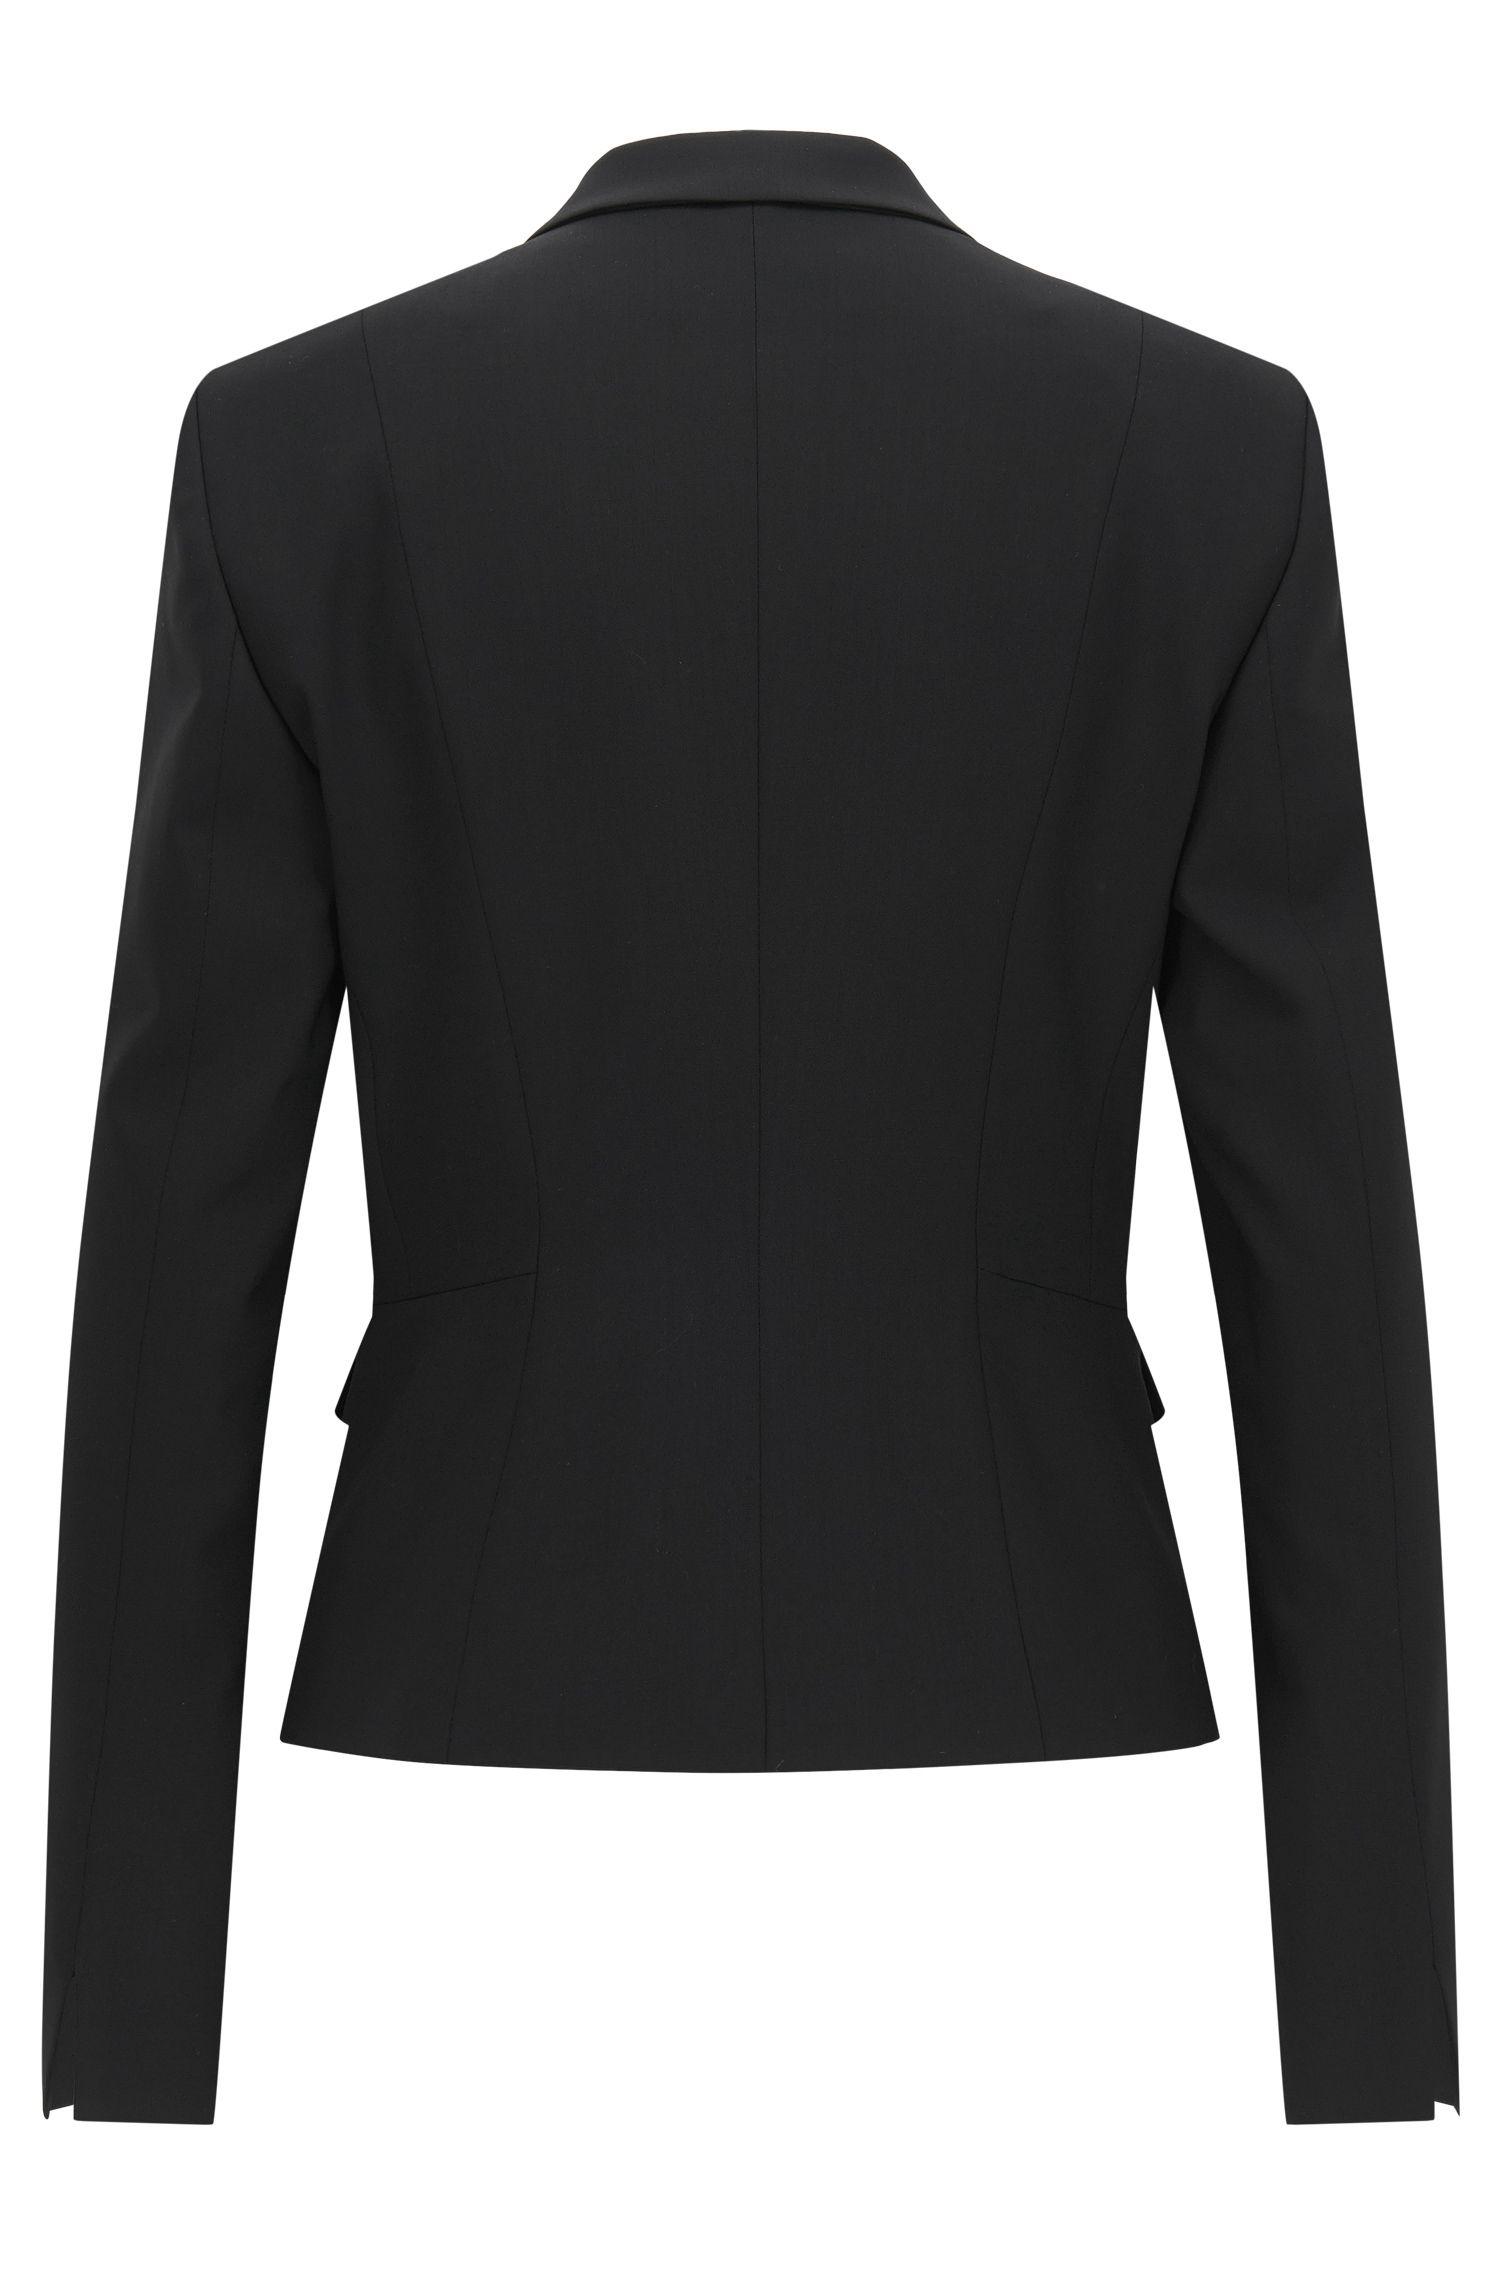 Getailleerde, korte blazer van elastische scheerwol: 'Jaru'